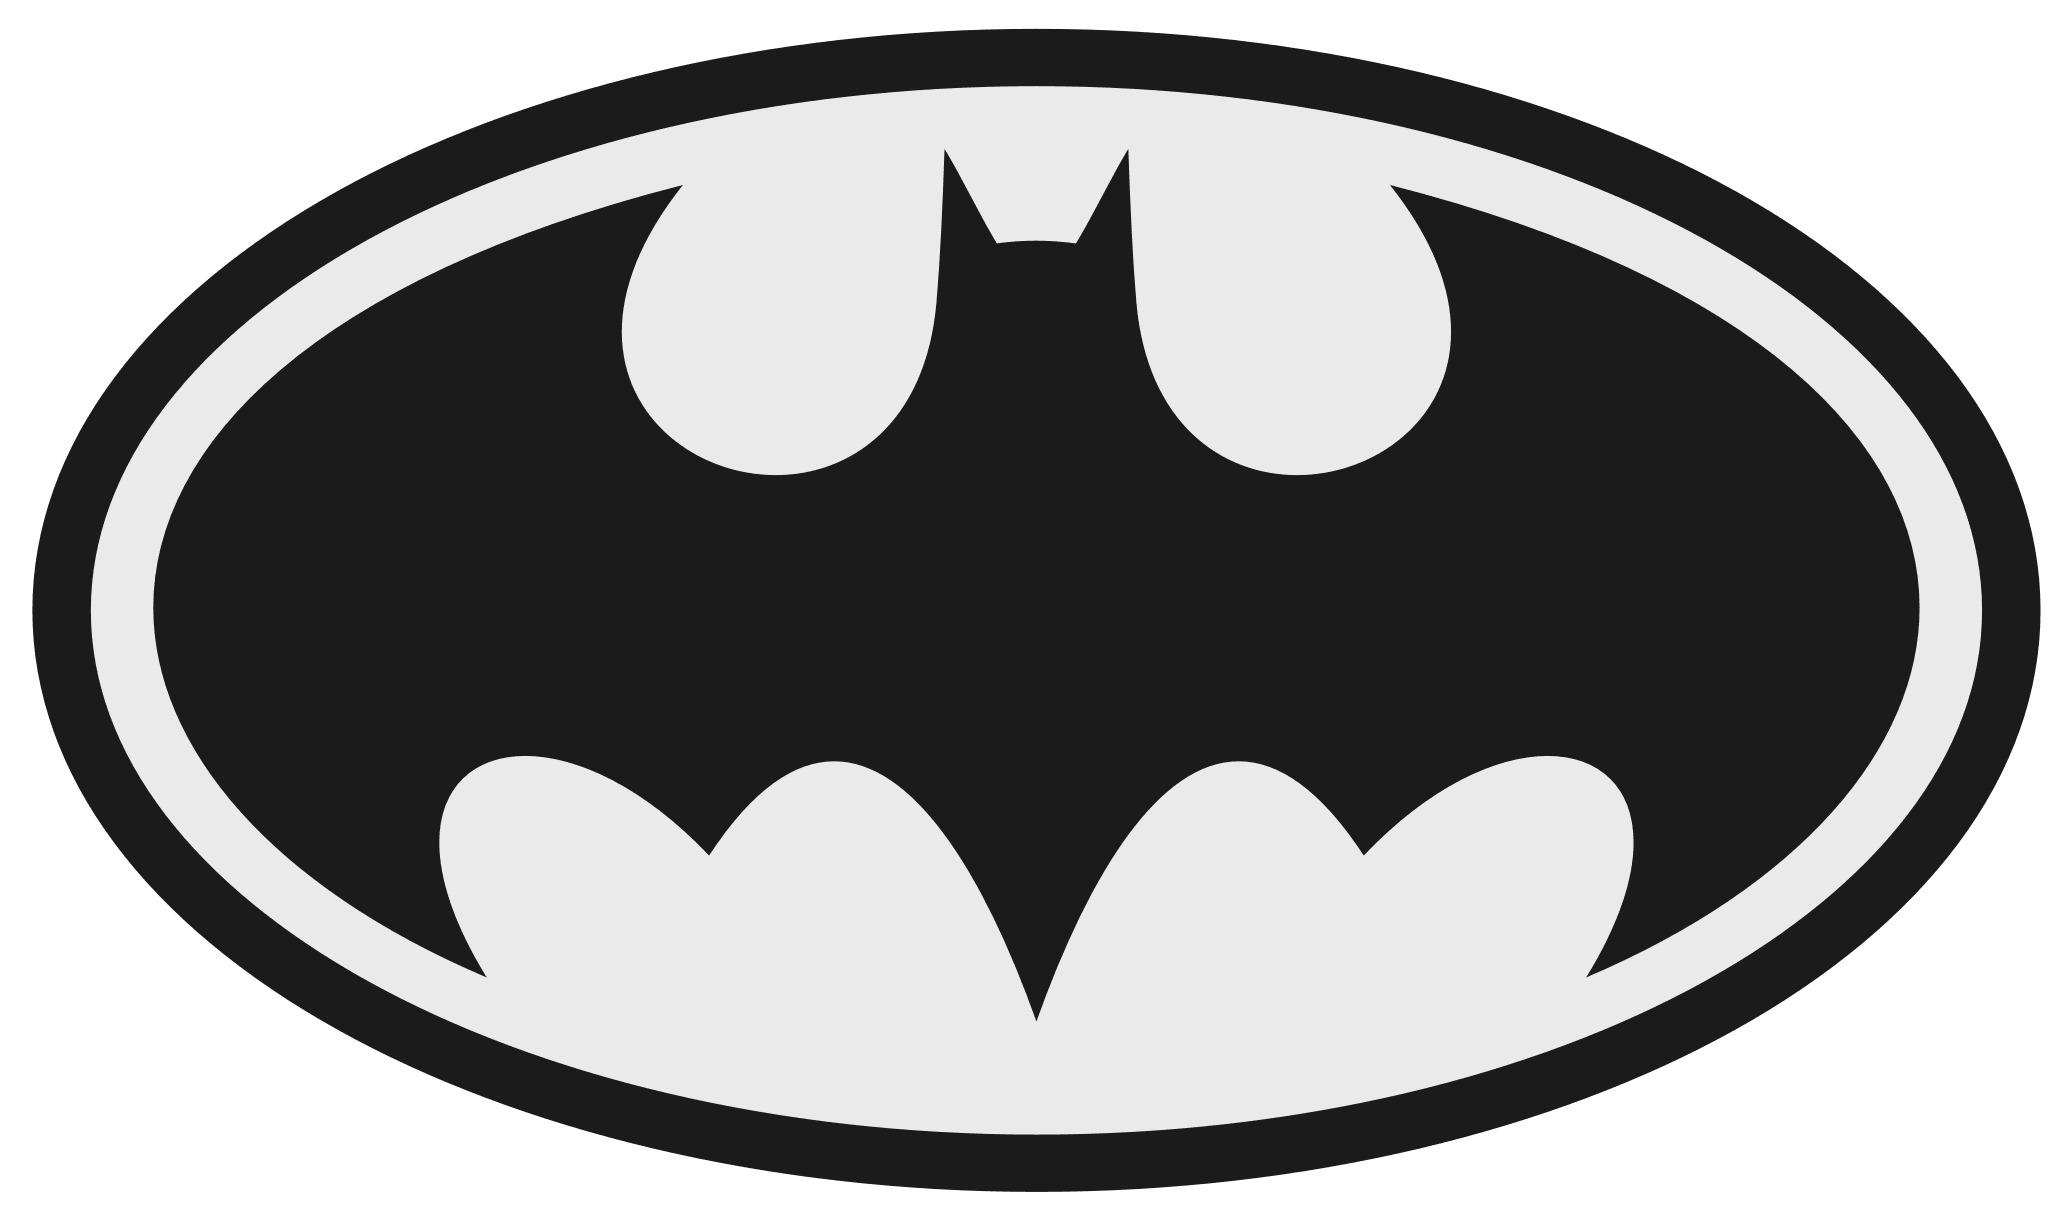 Pixel clipart batman symbol Pumpkin Art Symbol Art Symbol